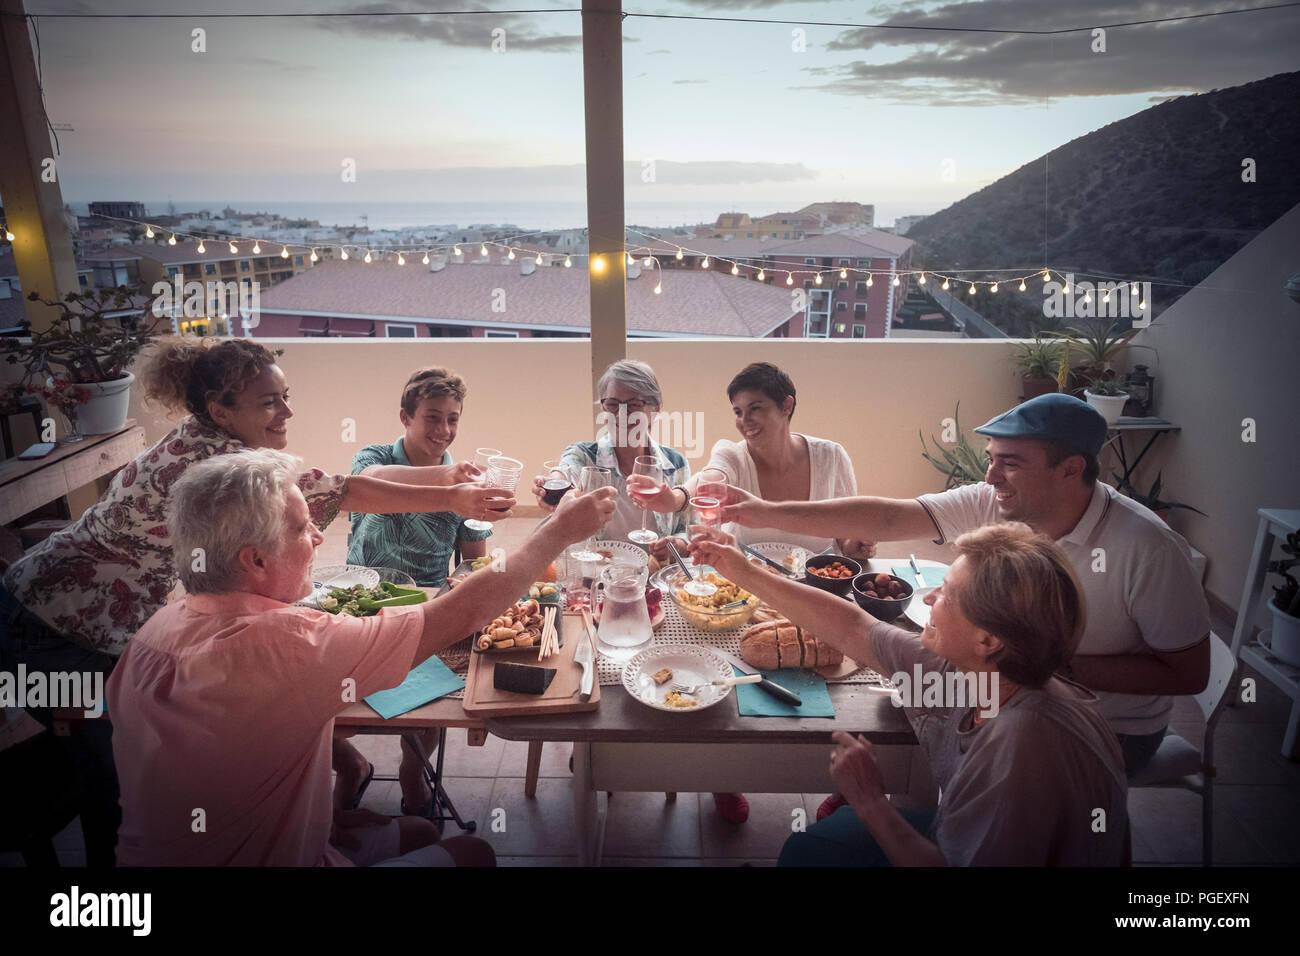 Essen Gruppe unterschiedlichen Alters Menschen in Freundschaft gemeinsam ein Abendessen Veranstaltung Jubel mit Wein und den Lebensstil genießen. Glück und Freude für Freunde Stockbild